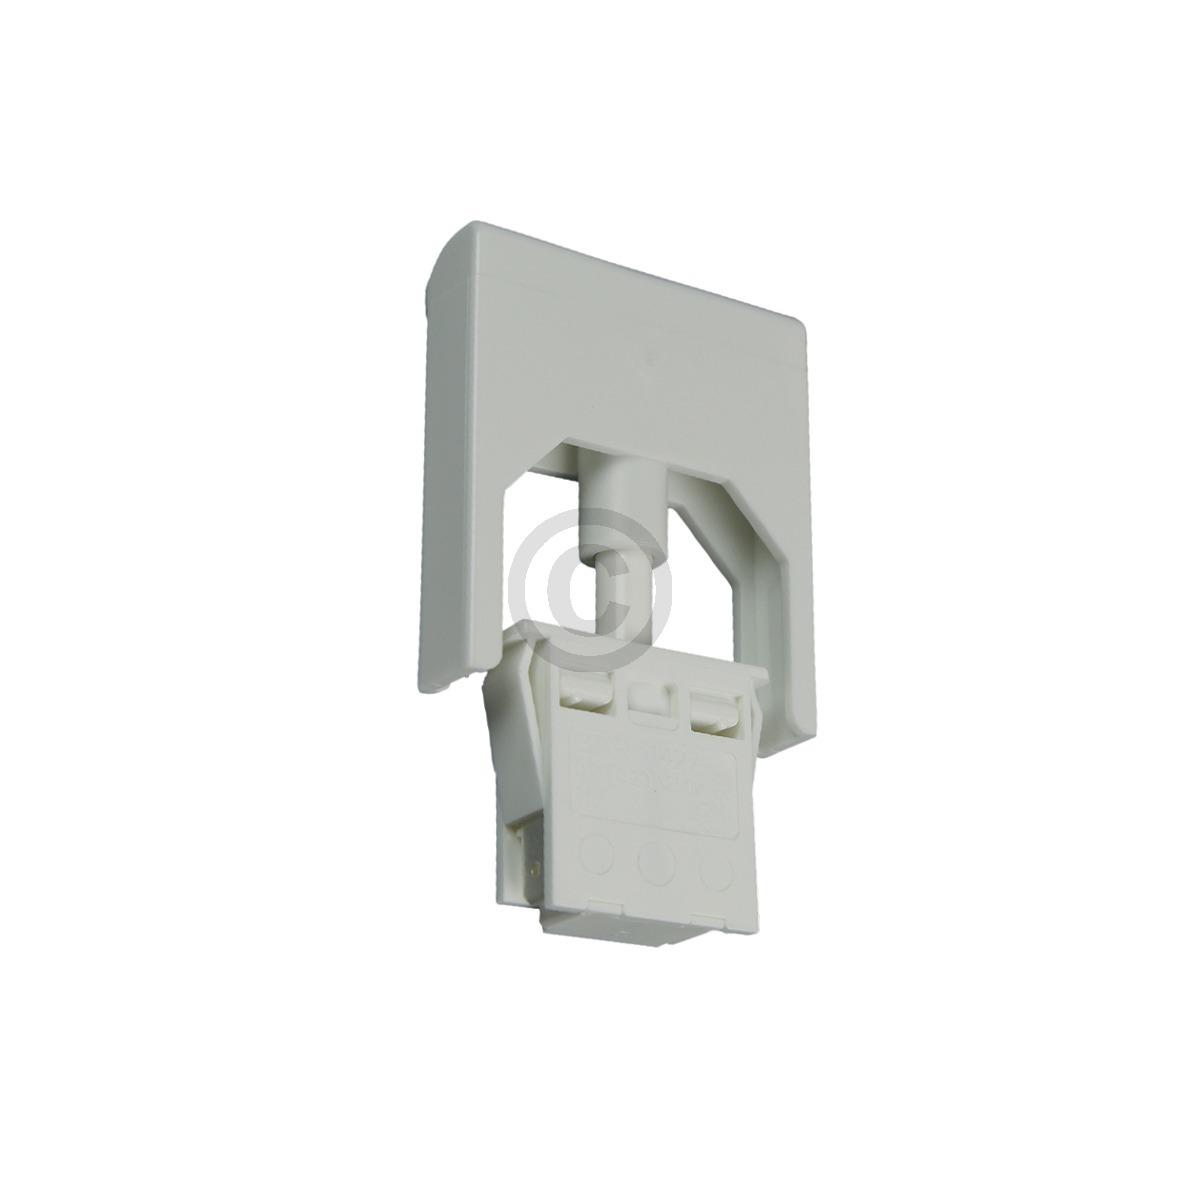 Tastenschalter 1-fach fürs Licht 6060062